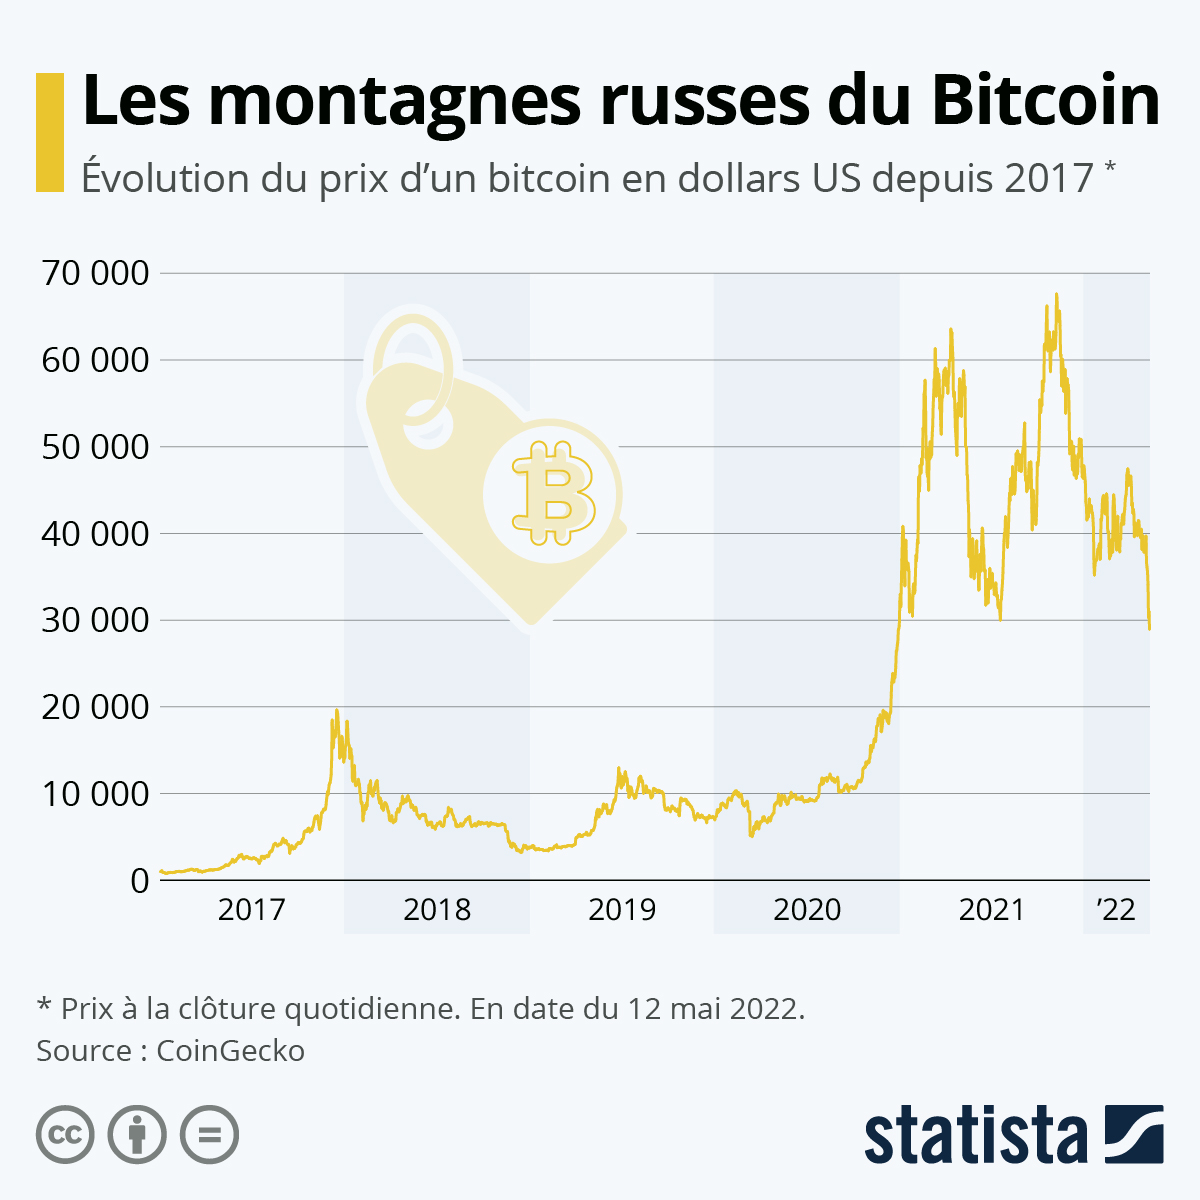 Segui il prezzo del Bitcoin in tempo reale